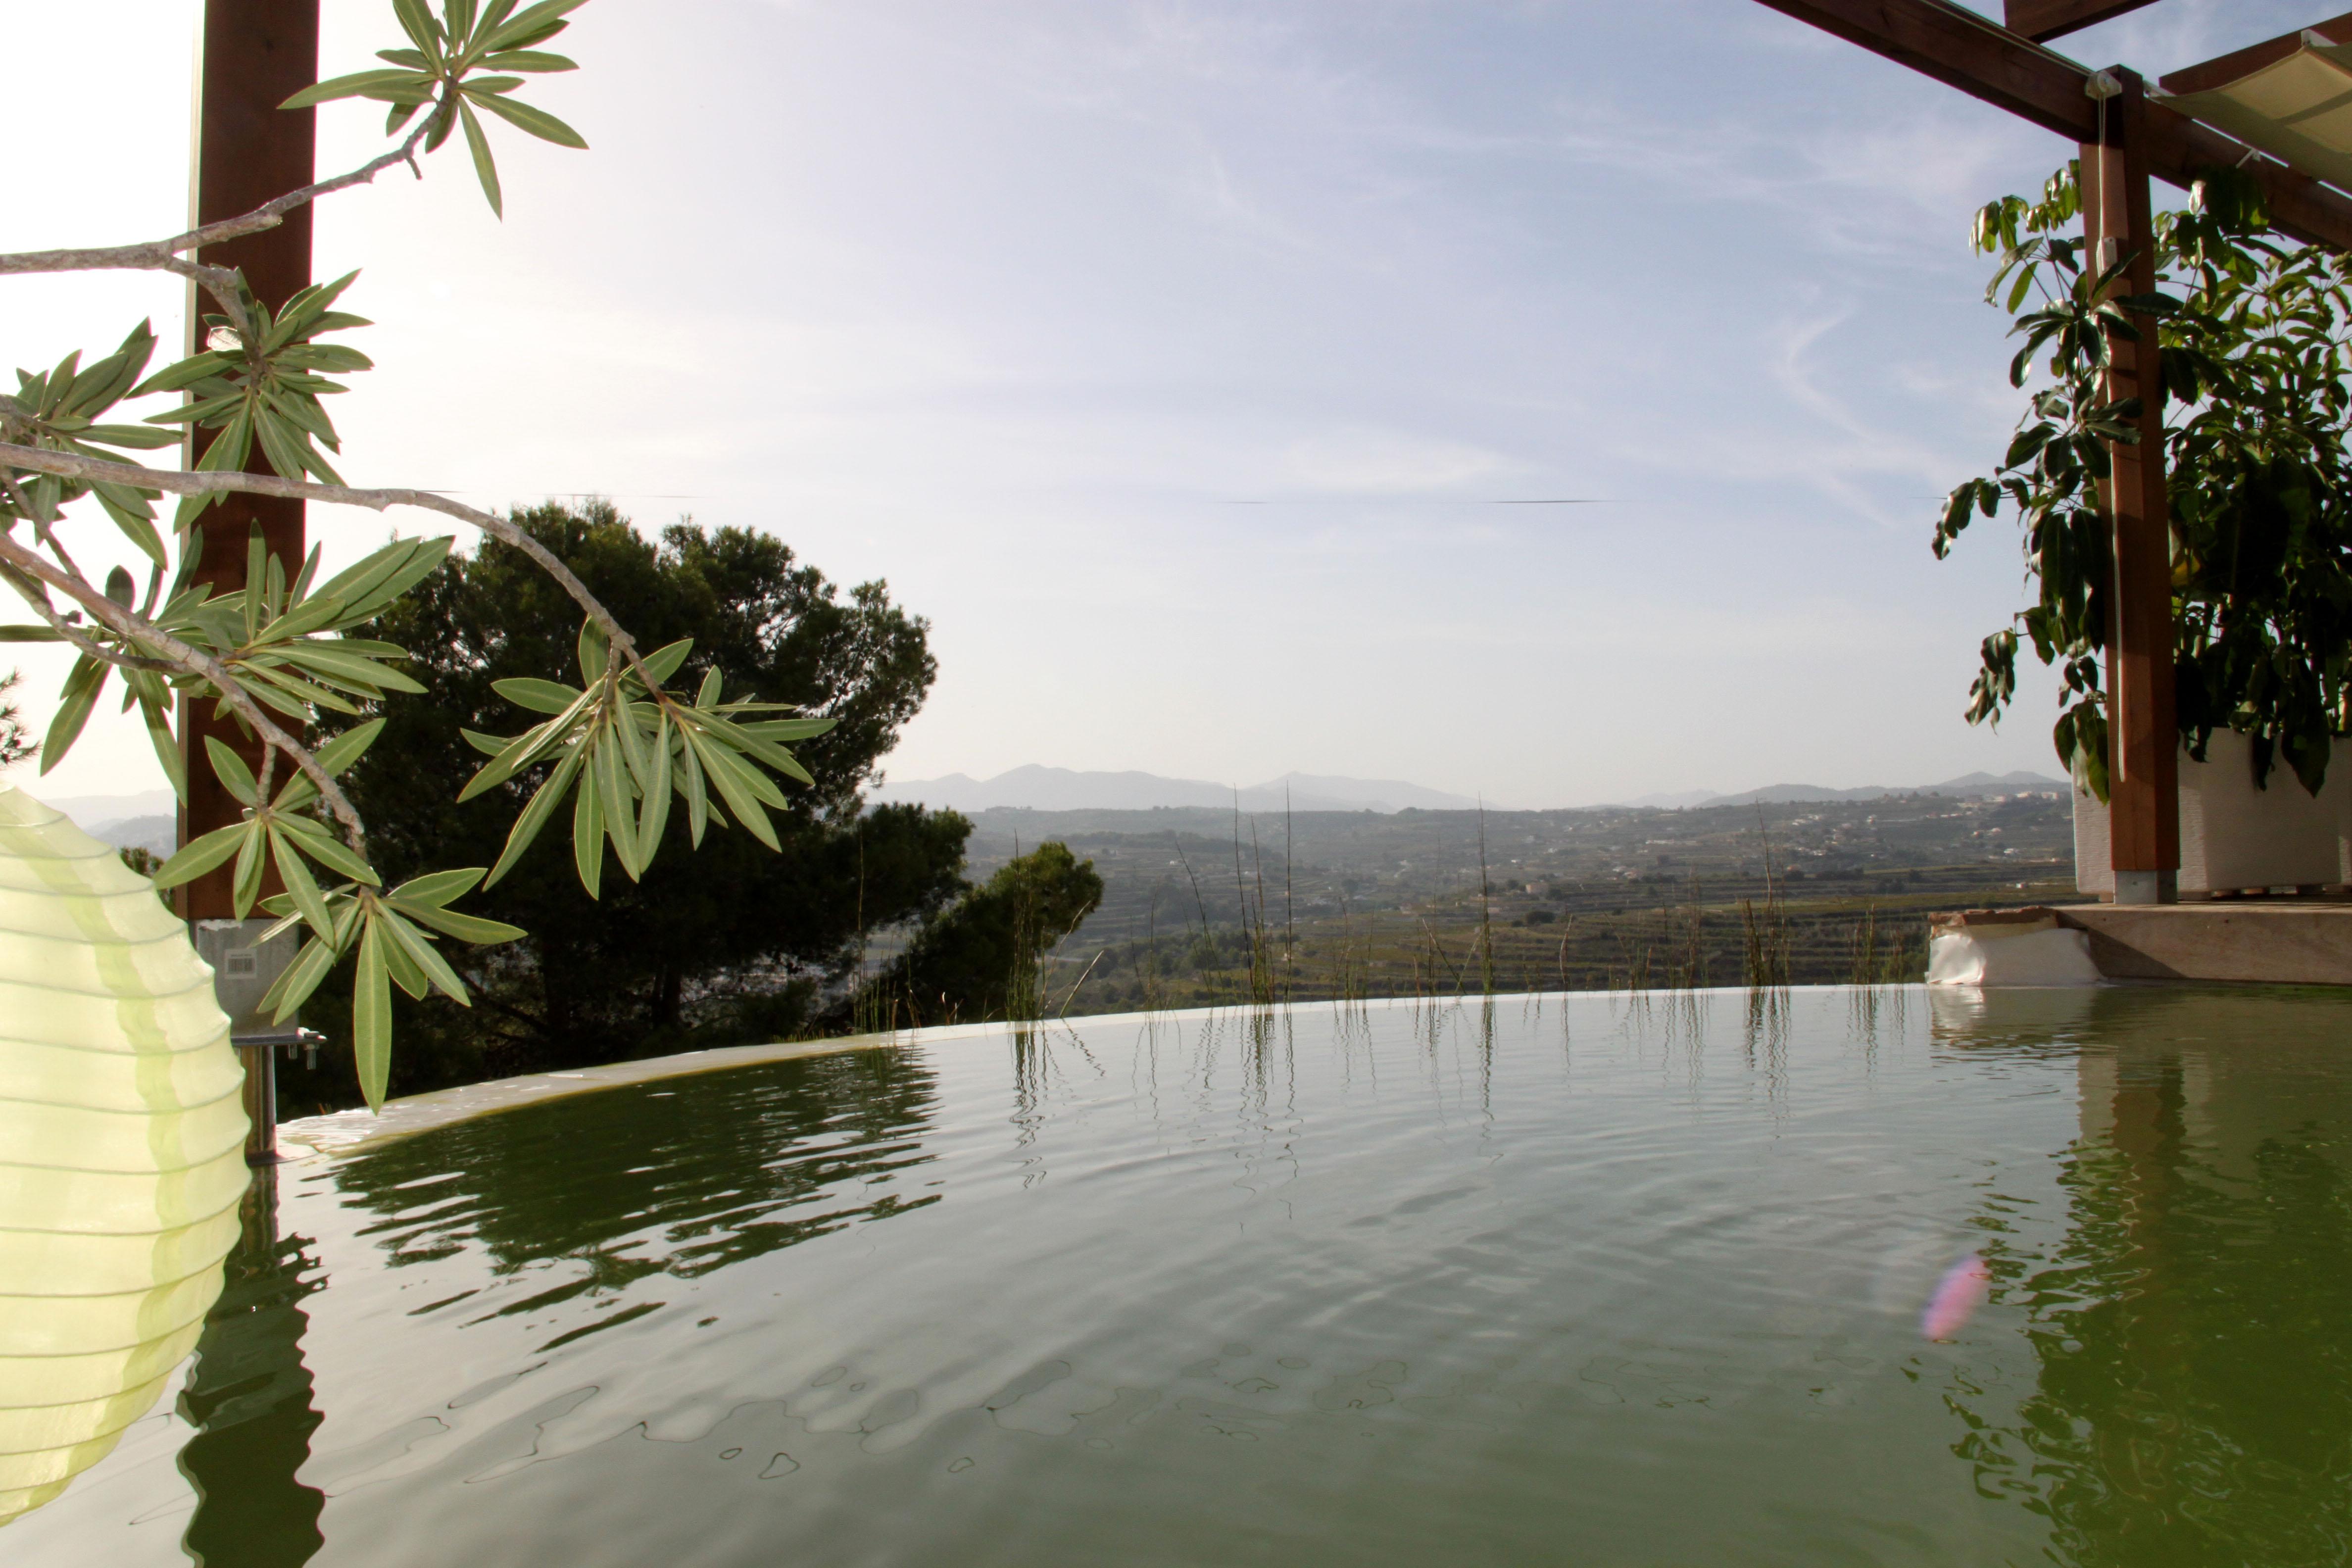 Piscinas naturales dise o e instalaci n urbanarbolismo - Diseno de piscinas naturales ...